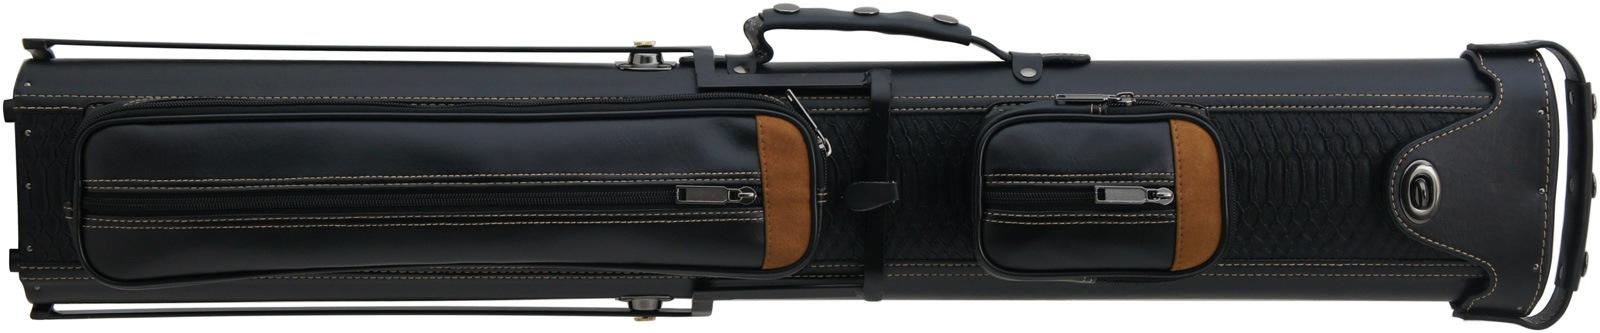 ケース ブラック×ブラウン自立スタンド付 62235 (バット2本シャフト4本収納) 商品画像